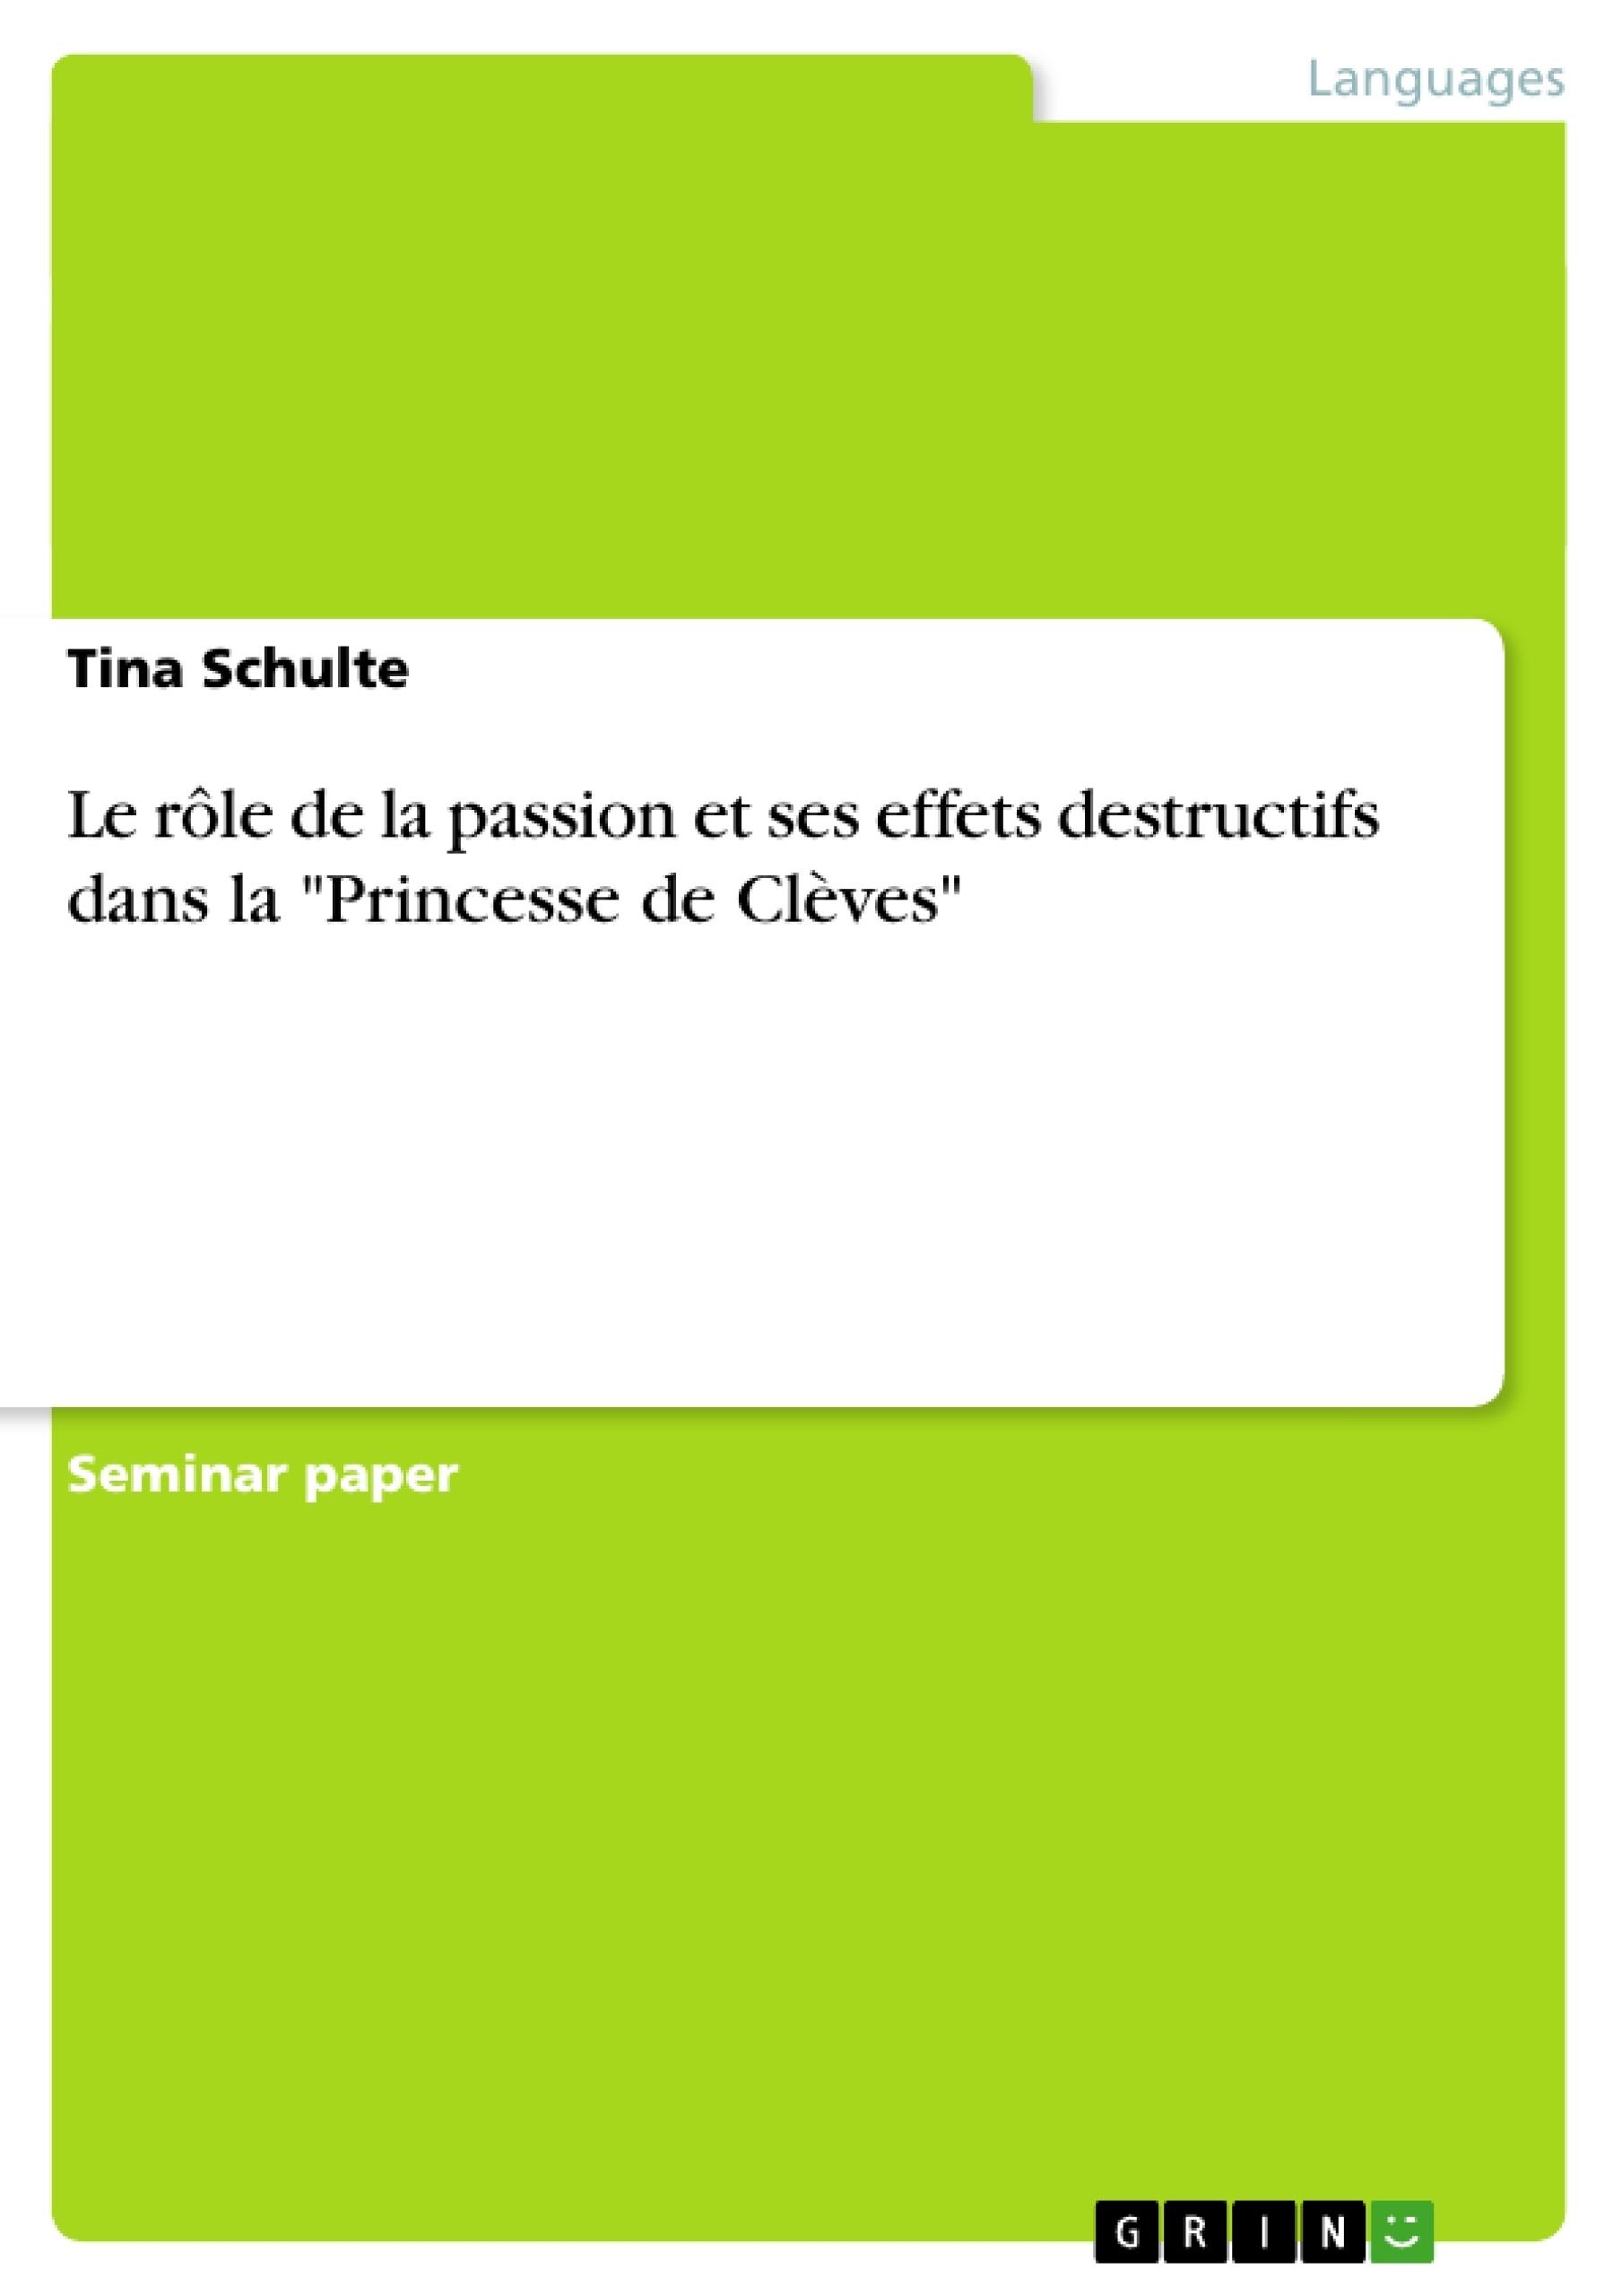 """Titre: Le rôle de la passion et ses effets destructifs dans la """"Princesse de Clèves"""""""